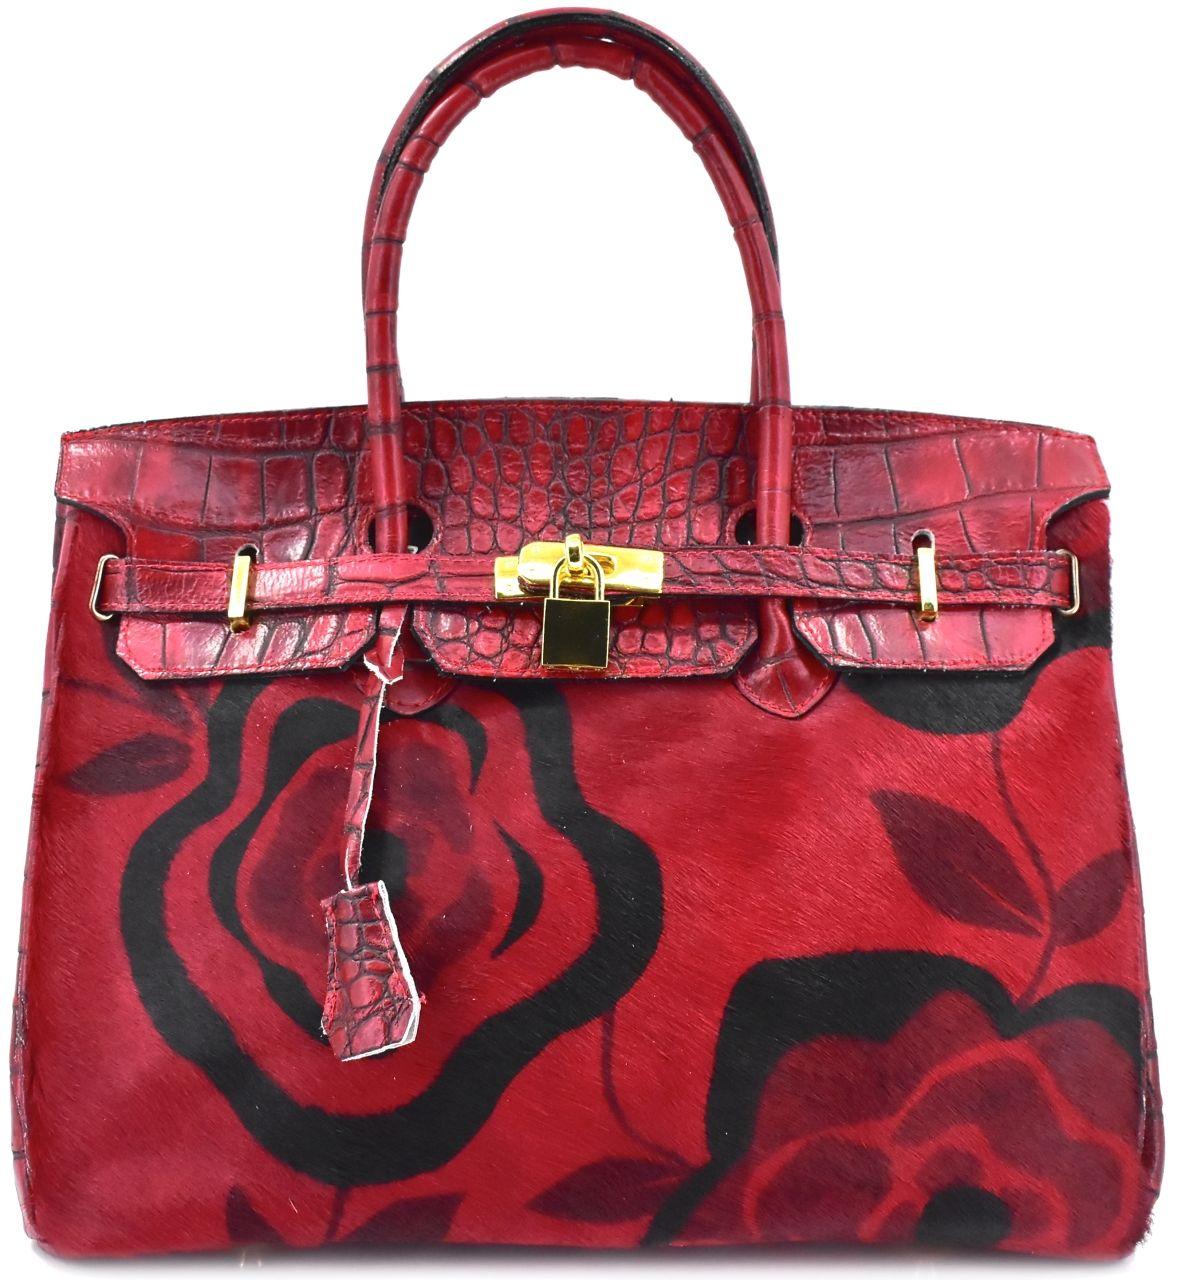 Luxusní dámská kožená kabelka Arteddy - tmavě červená 24856